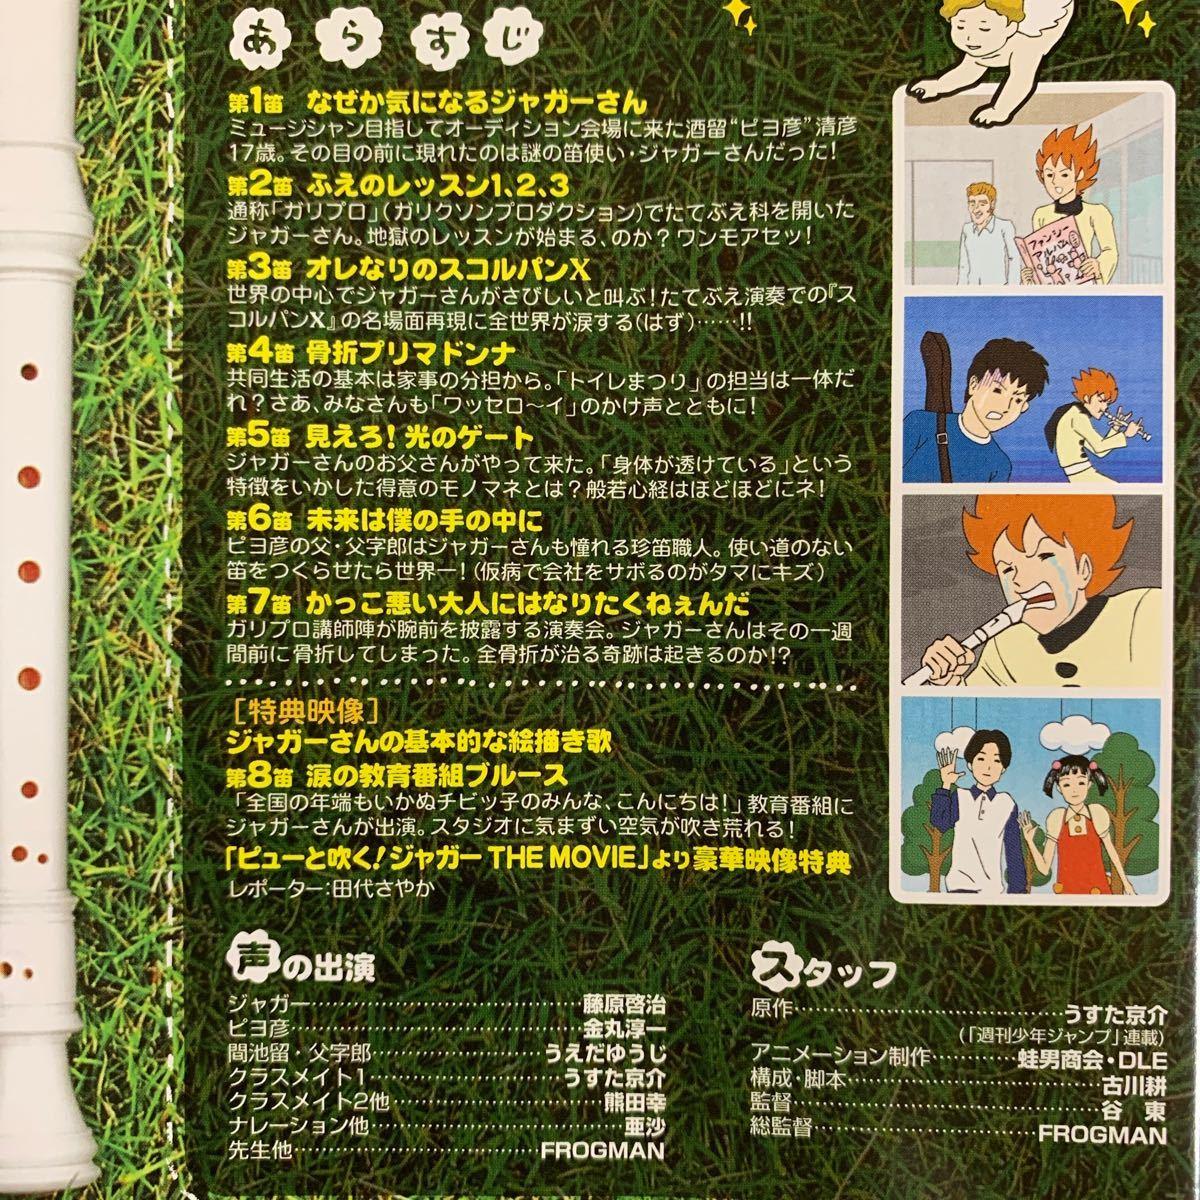 DVD ピュ~と吹く!ジャガー 3巻セット レンタル落ち